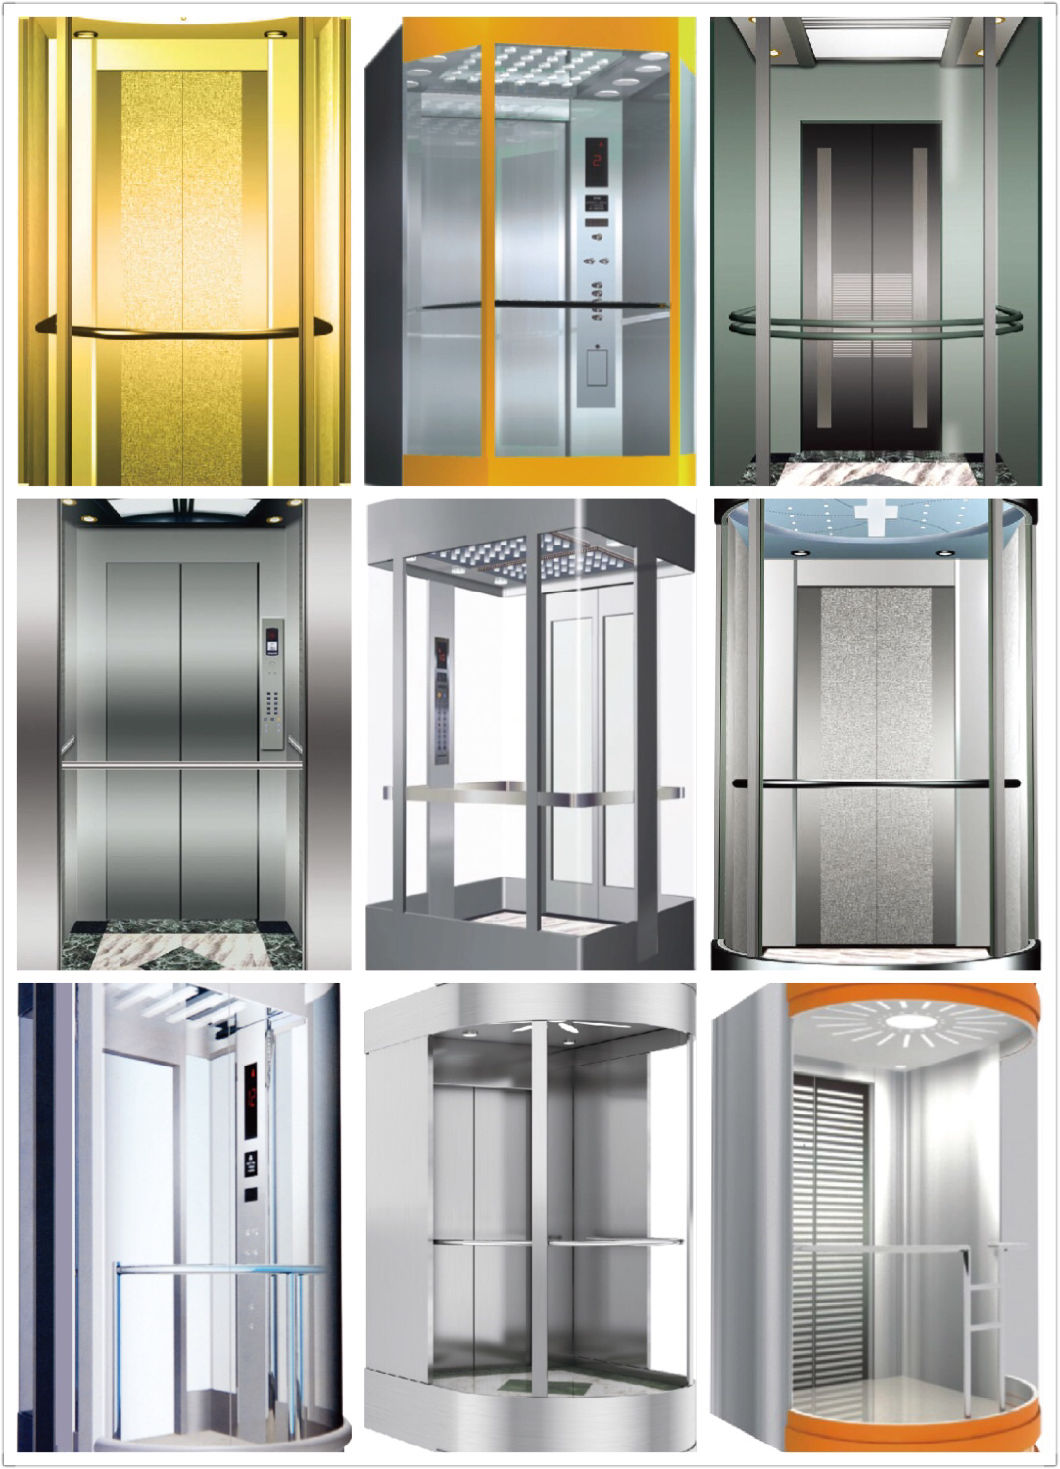 مصعد رفع الركاب المنزلي مصعد لمشاهدة معالم المدينة من الصين على Topchinasupplier Com